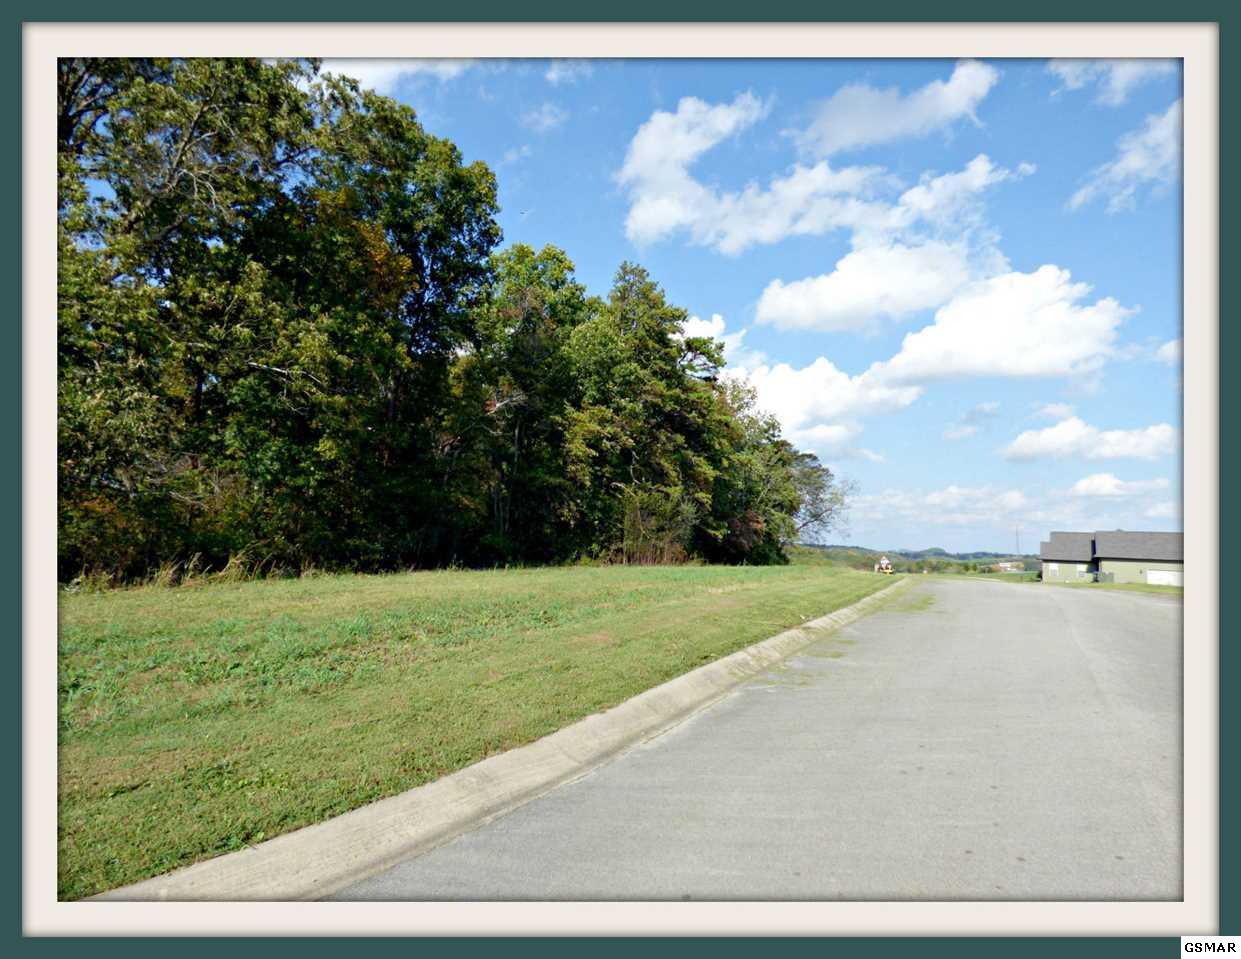 Lot 8 Hilltop View Dr., Dandridge, TN 37725